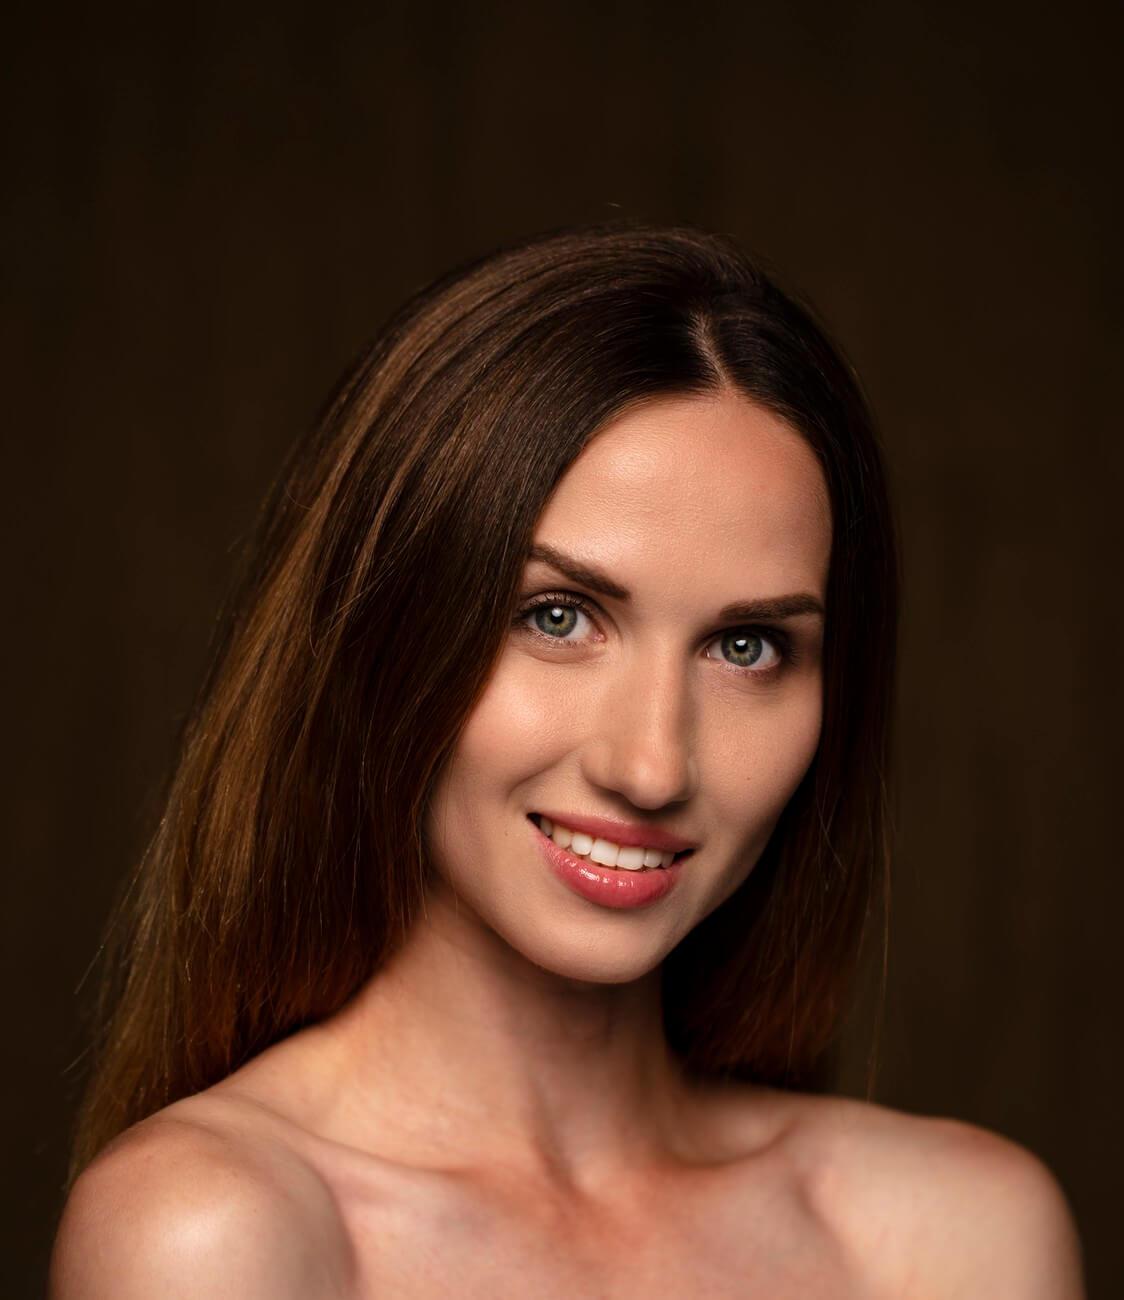 красивая девушка мило улыбается